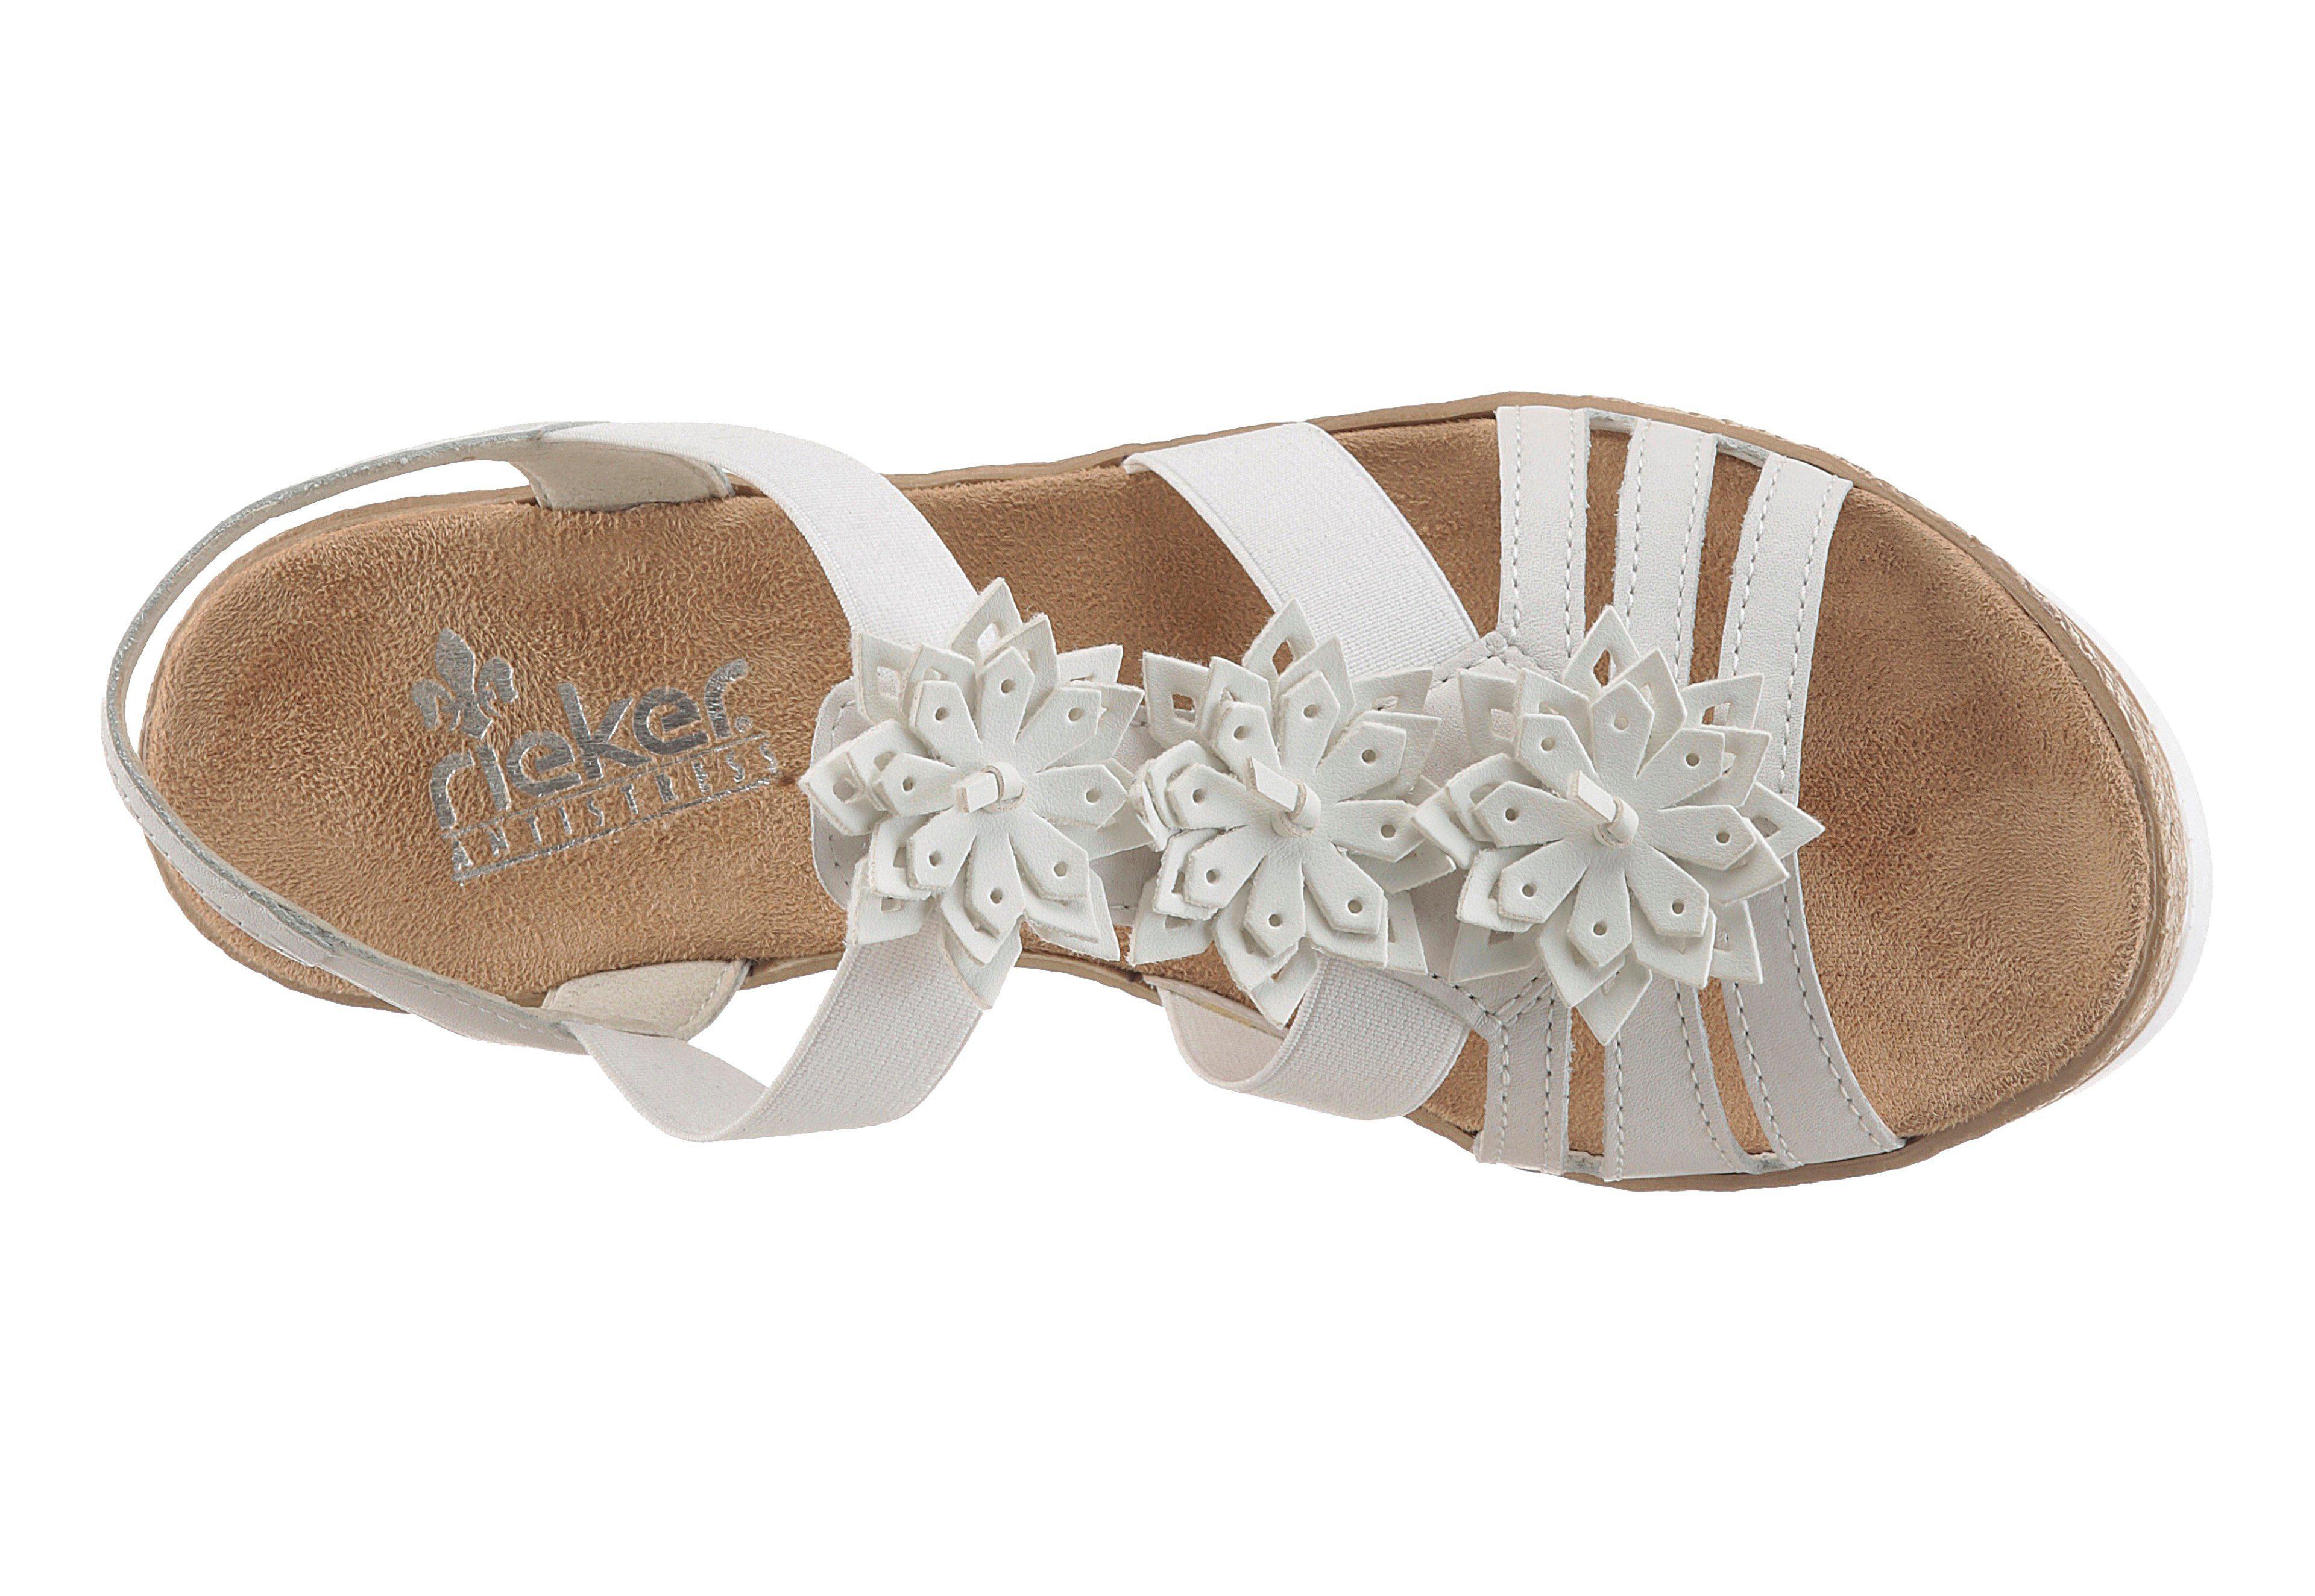 Sandales Compensées Rieker Mz6MNfbi1